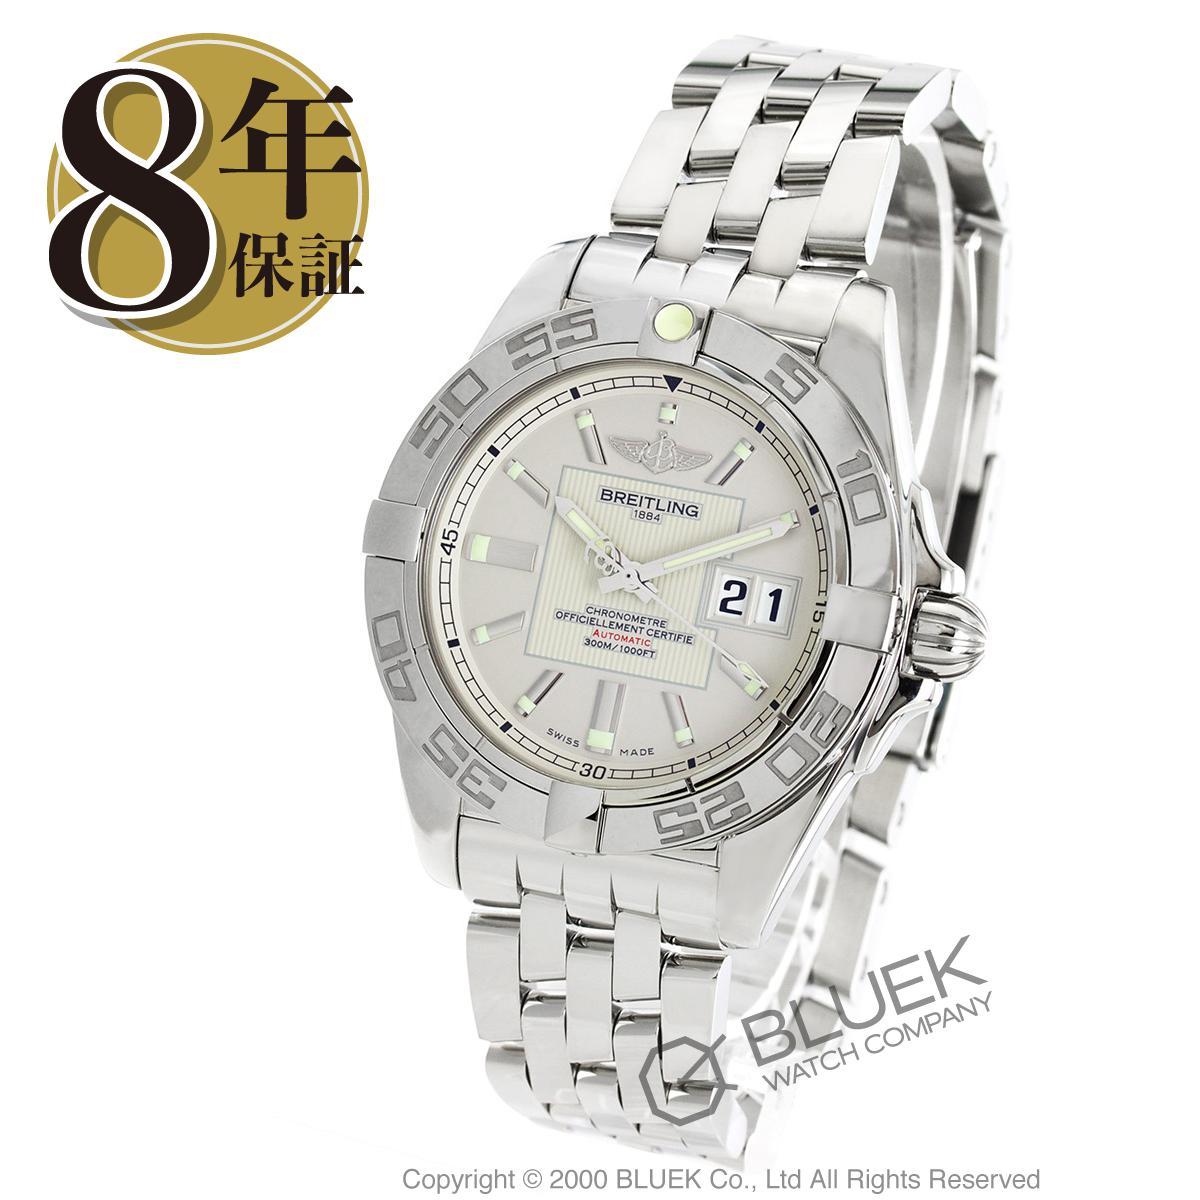 【エントリーでポイント3倍】ブライトリング BREITLING 腕時計 ギャラクティック 41 300m防水 メンズ A493G99PA_8